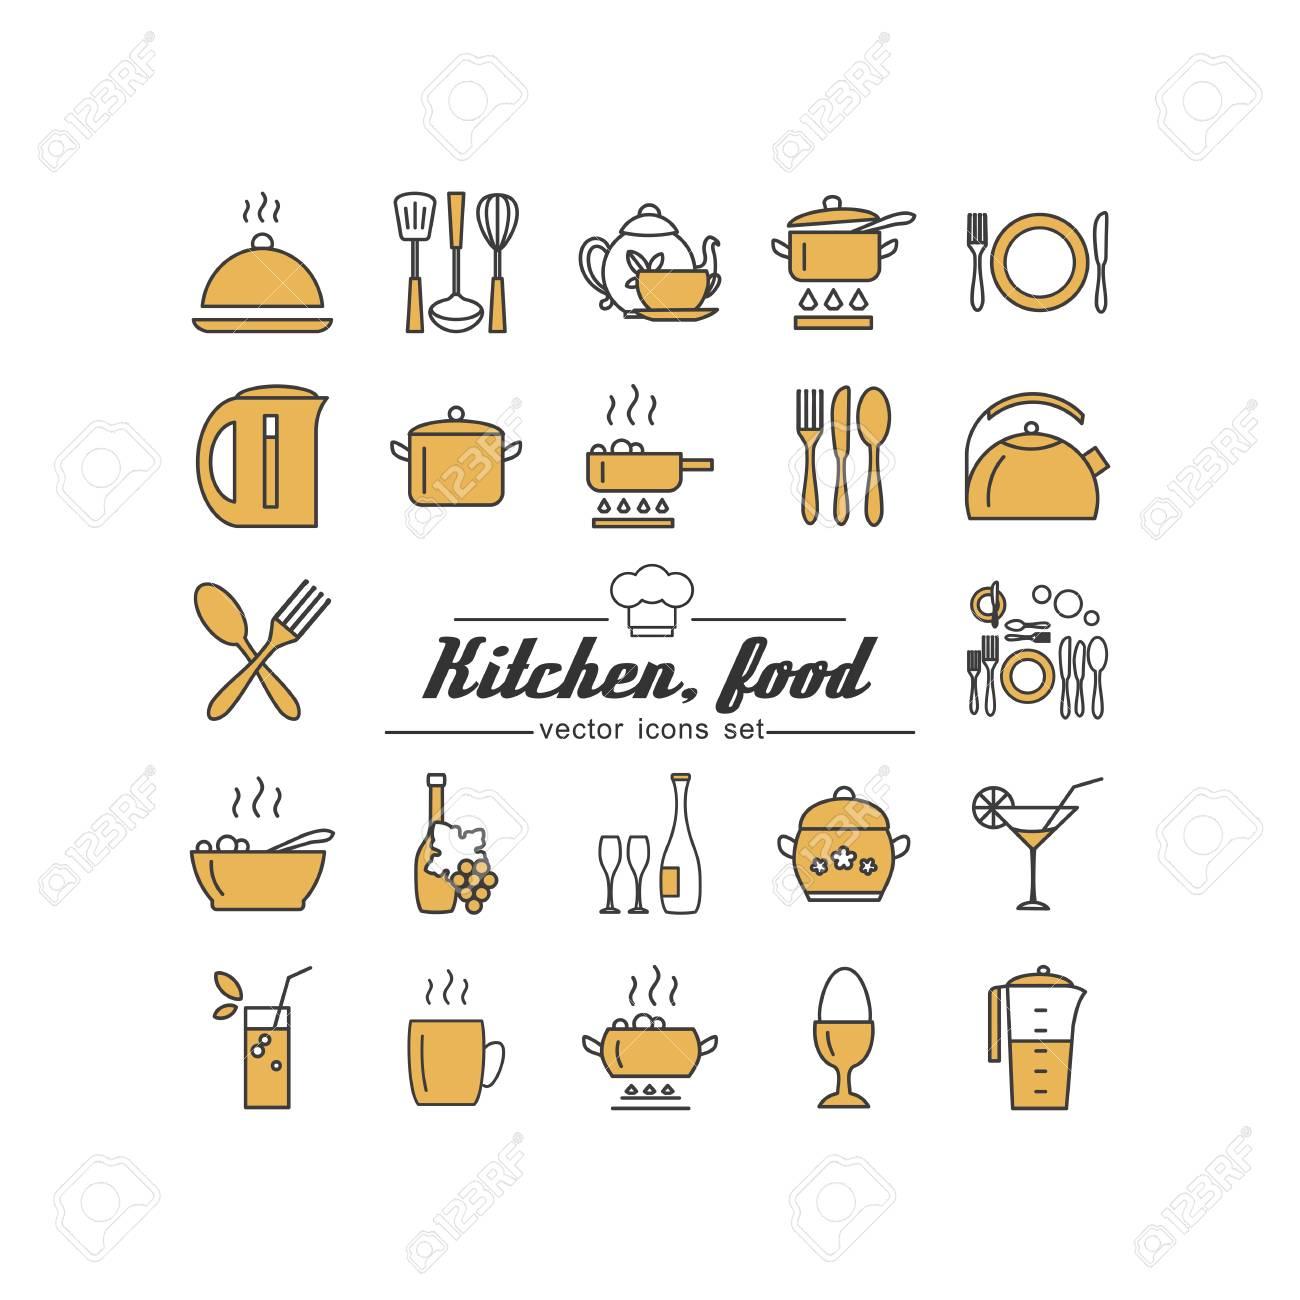 Küche. Essen. Set Von Abstrakten Bildern. Lizenzfrei Nutzbare ...